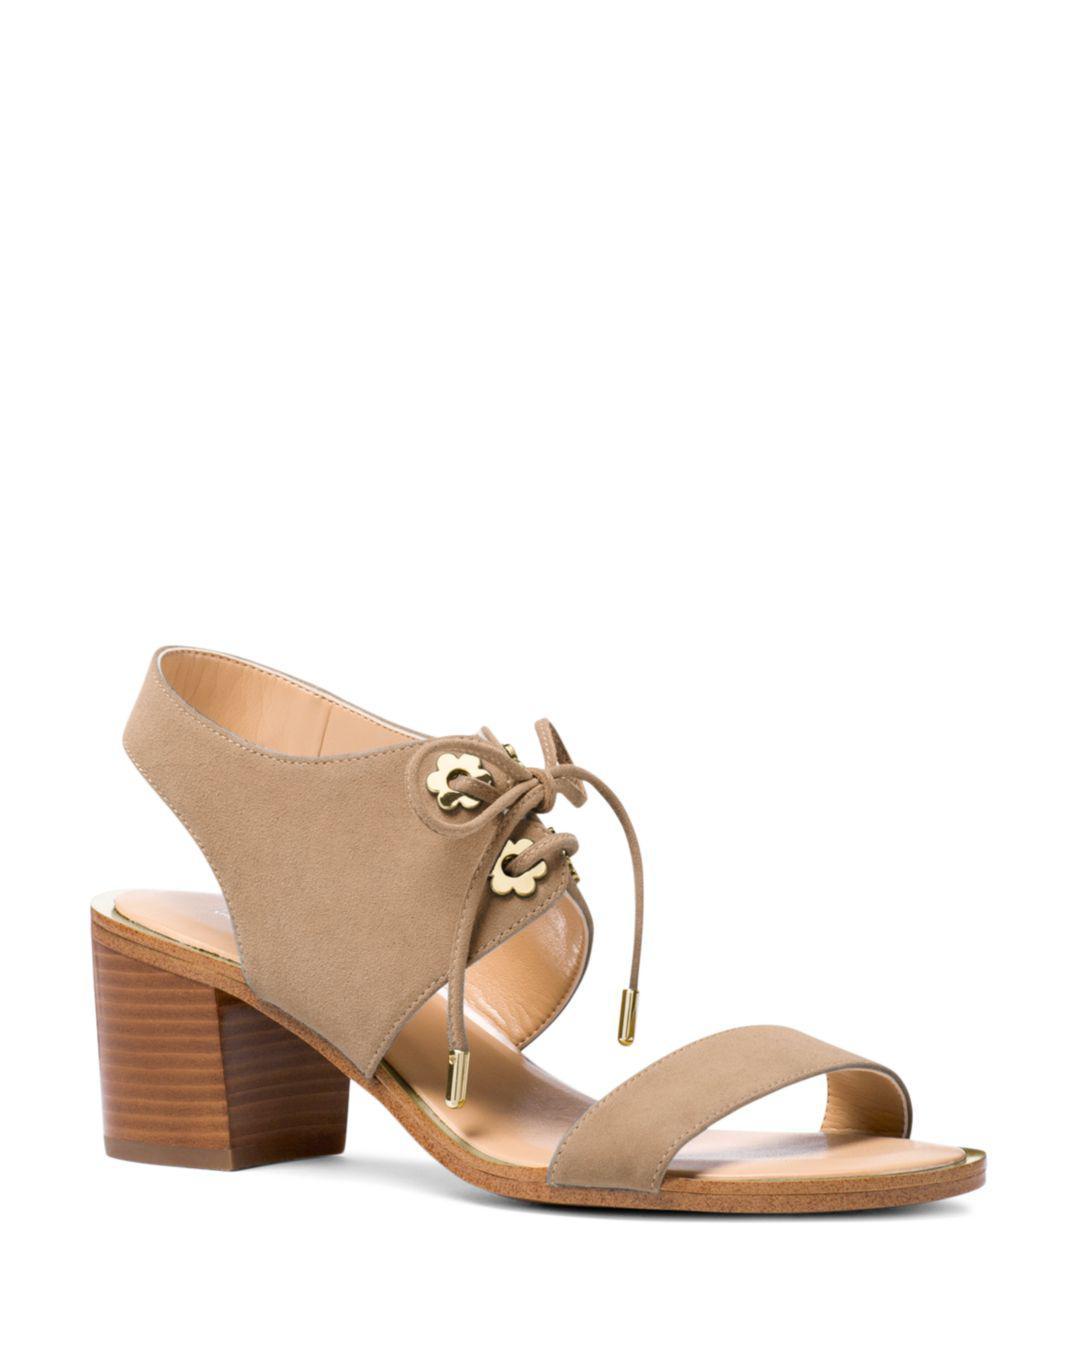 61202fd64c7 Michael Michael Kors Women s Estela Suede Ankle Tie Block Heel ...